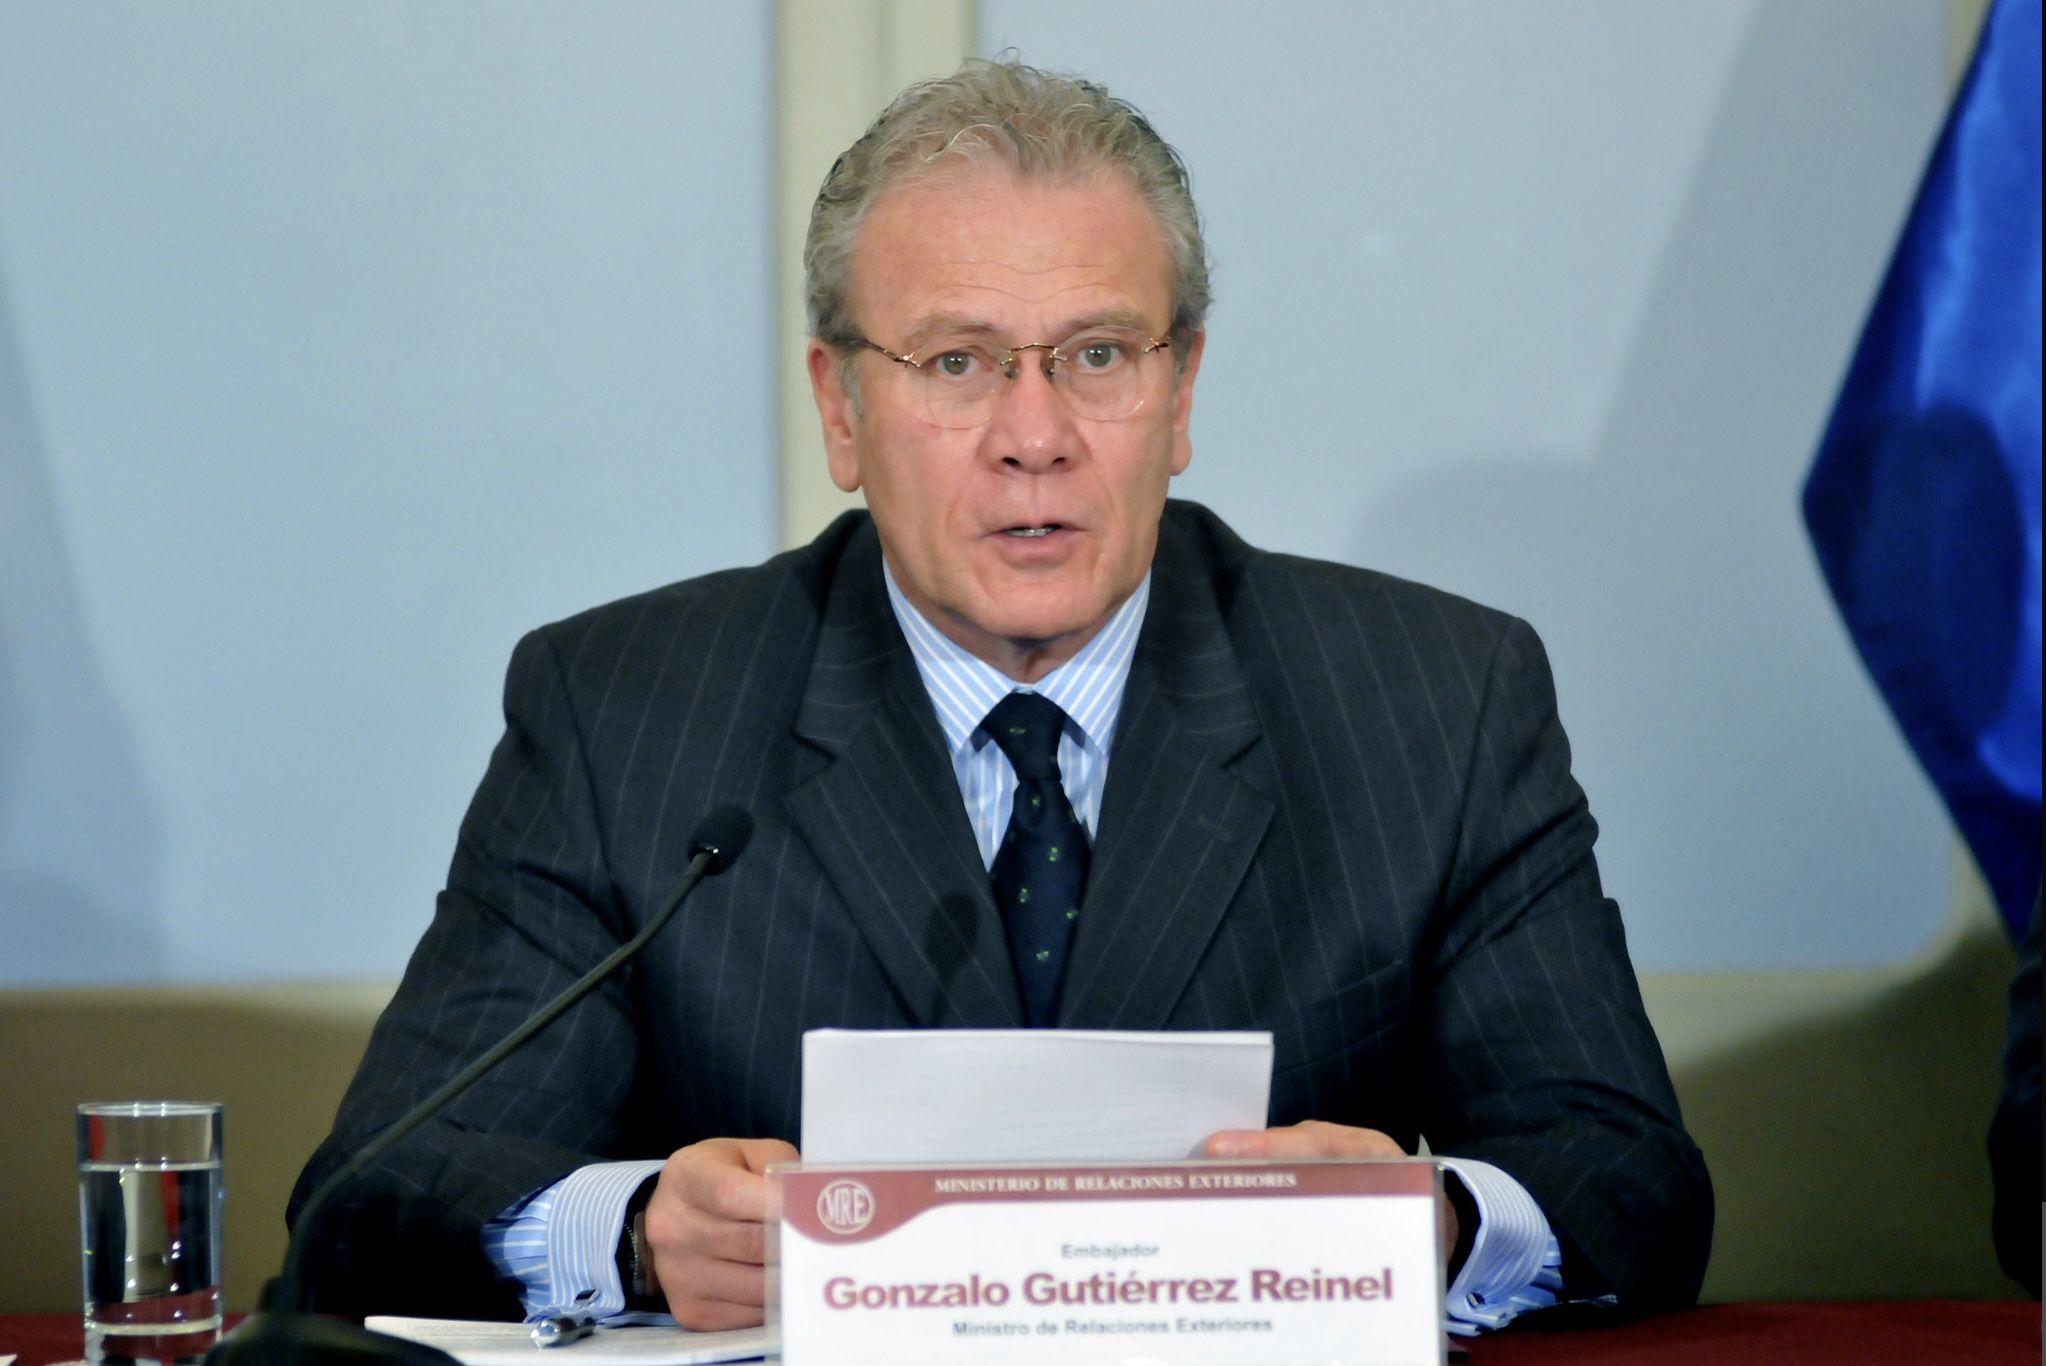 Gonzalo Gutierrez Reinel